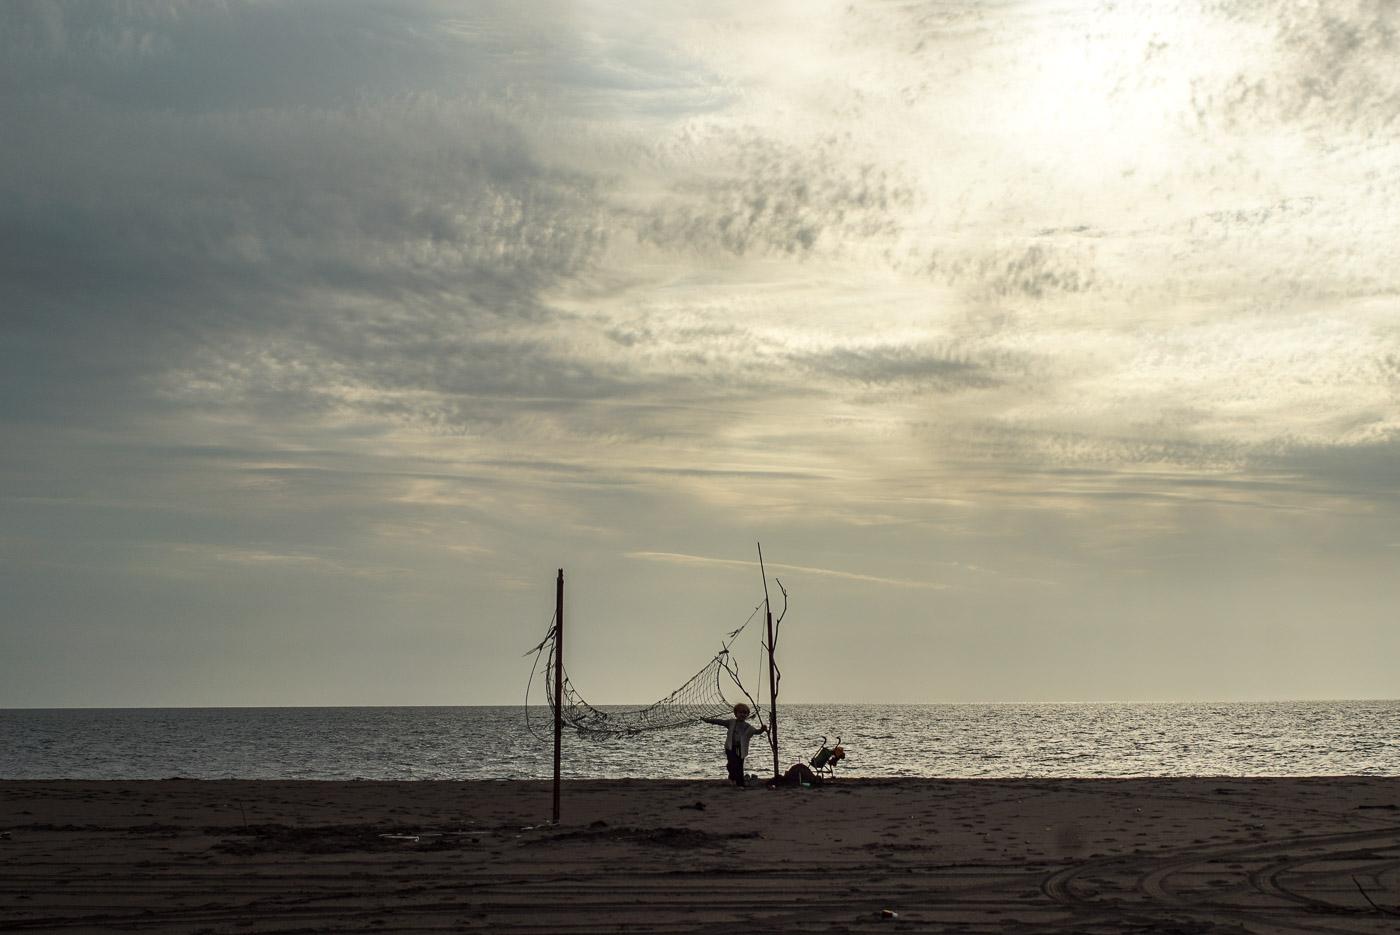 Zu sehen ist ein Sandstrand, mit ruhiger See im Hintergrund und Schäfchenwolken durch die die Sonne bricht. Am Strand ist ein selbstgemachtes Volleyballnetz aus großen Holzstücken und einem alten Fischer Netz das durchhängt zu erkennen. Luk steht mit seinem Puppen Kinderwagen daneben.